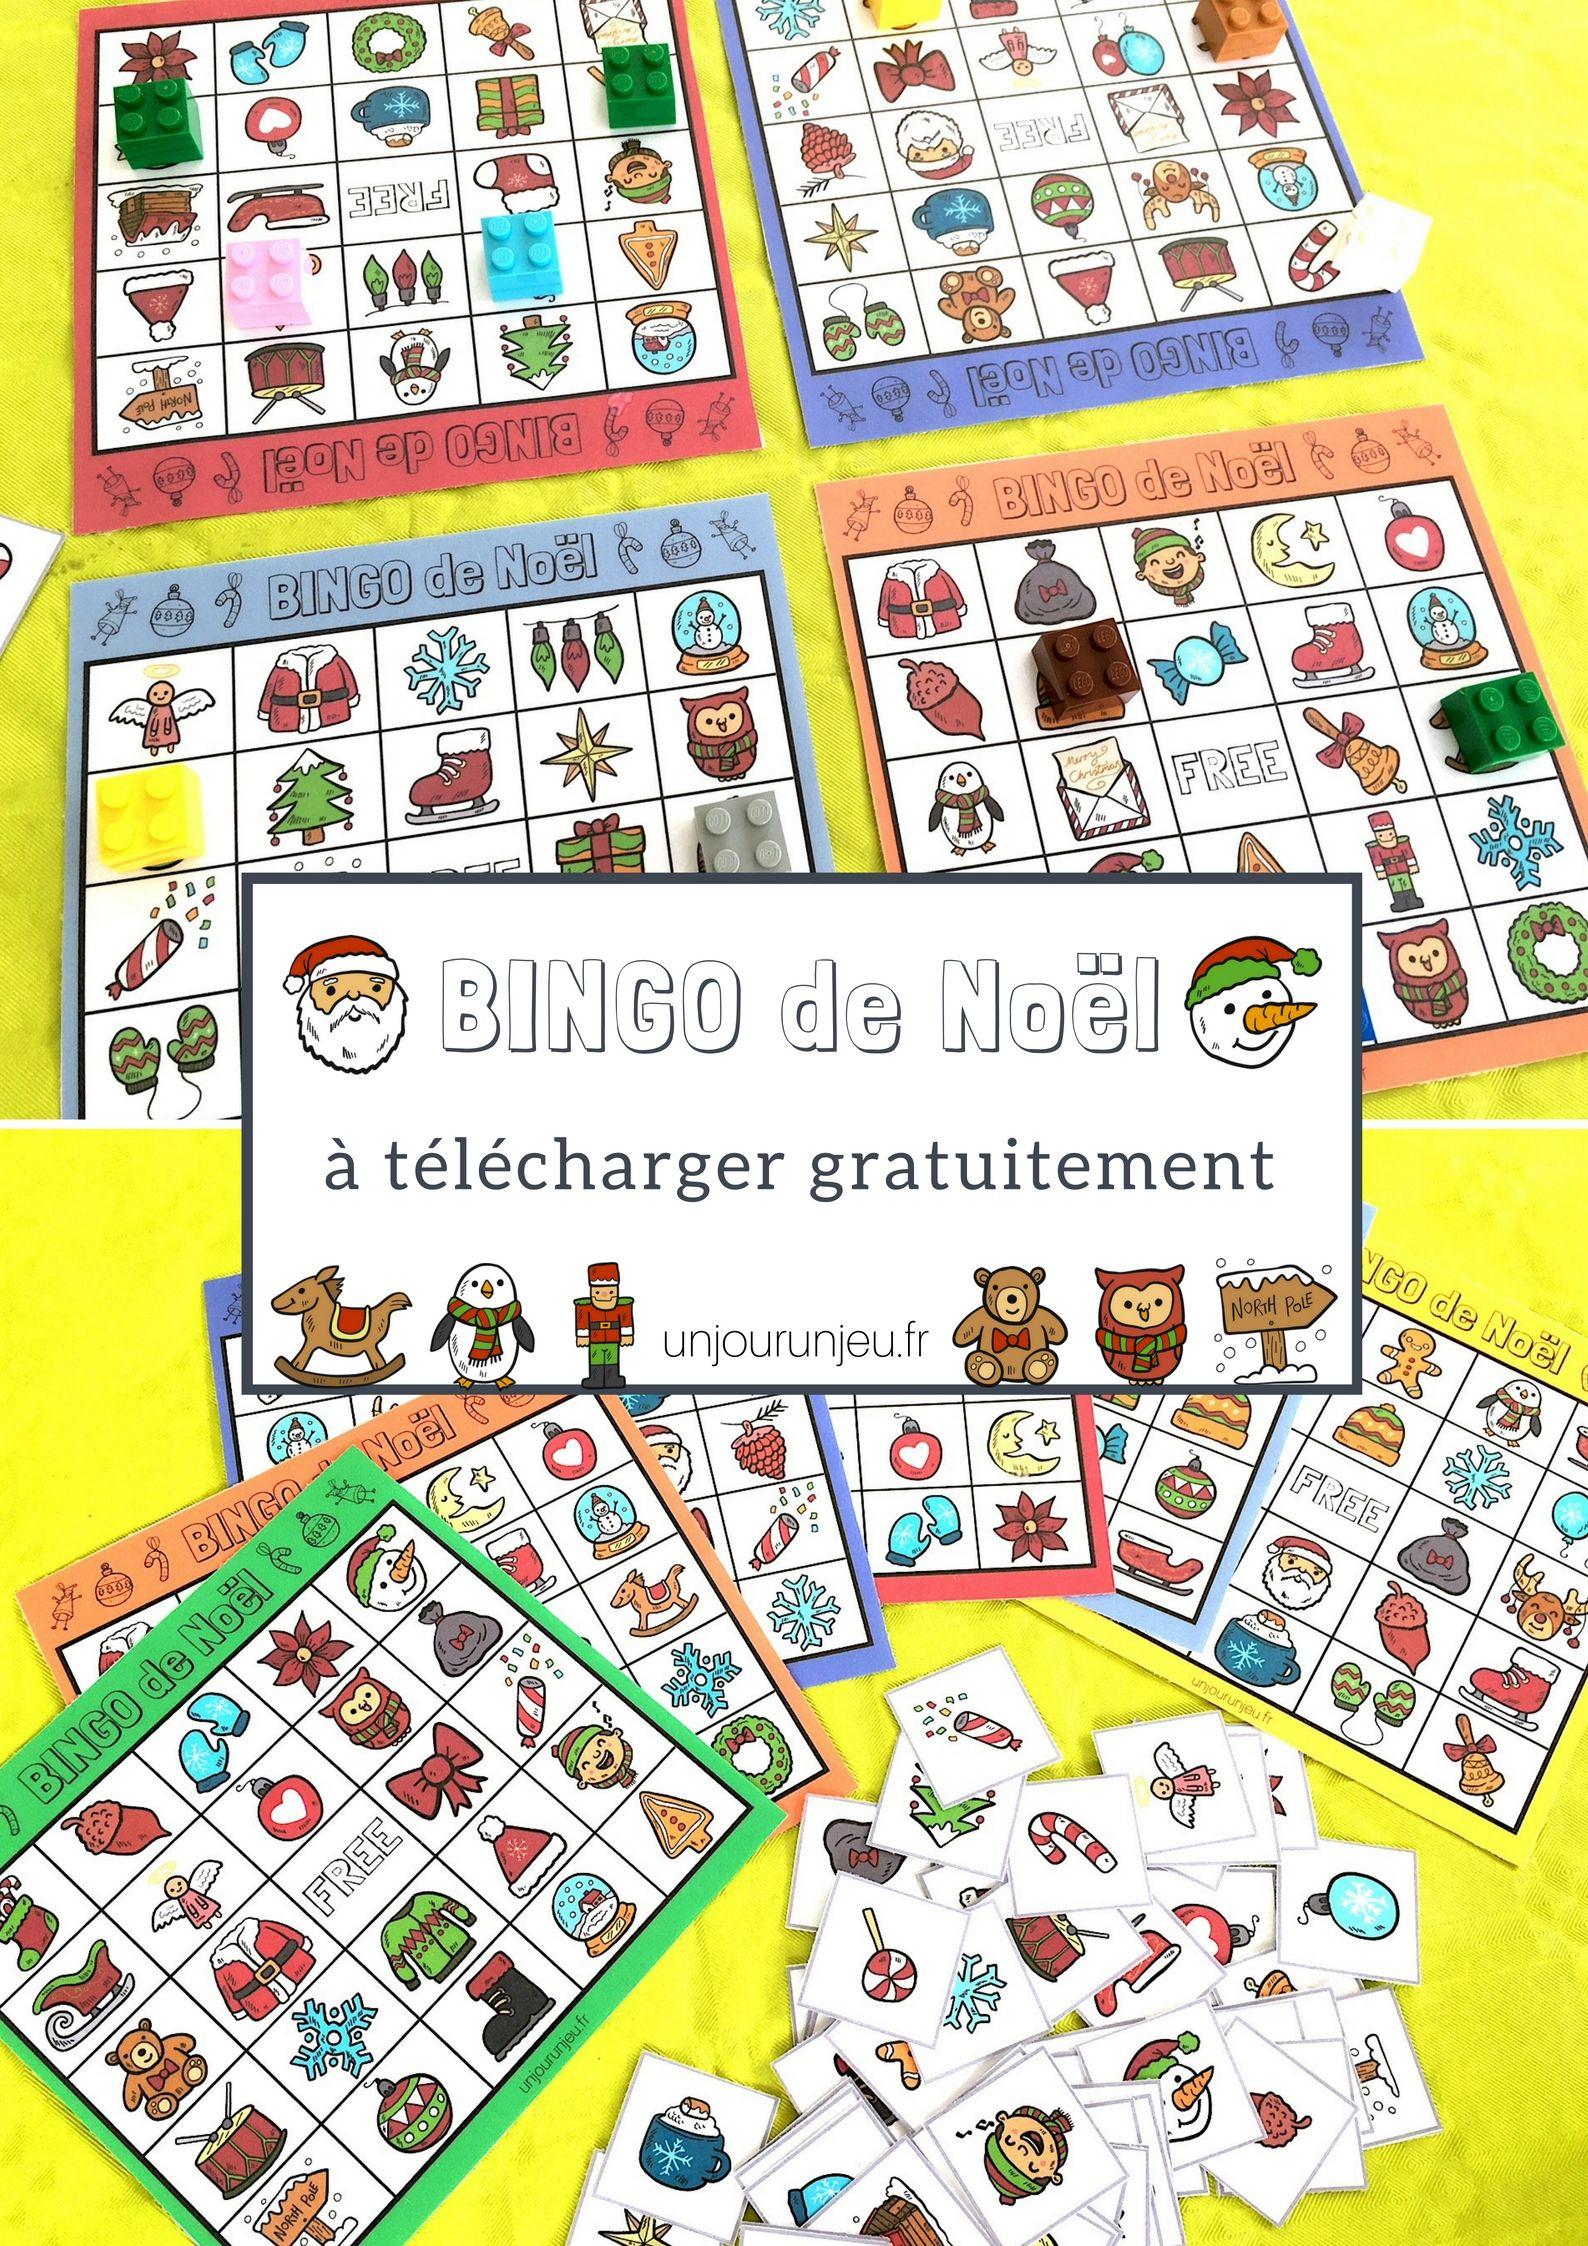 Jeu De Noël : Bingo À Télécharger Gratuitement Pour Vos encequiconcerne Telecharger Jeux Enfant